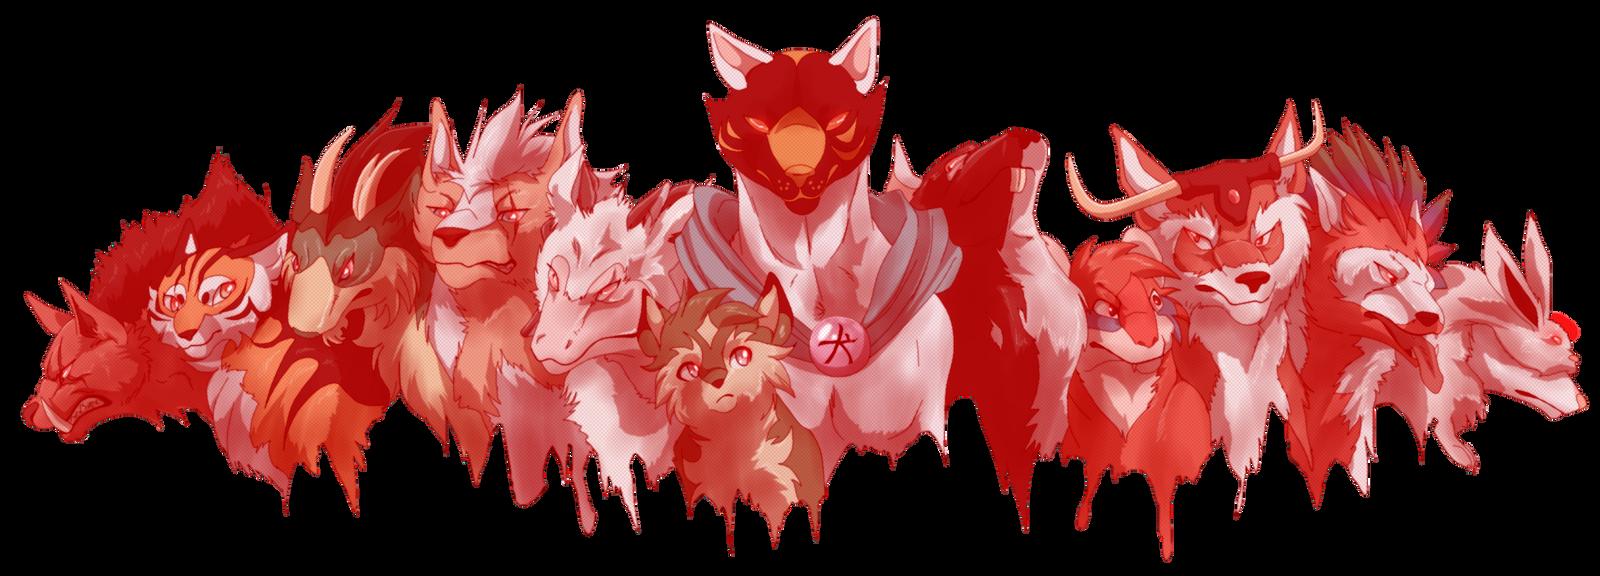 Image Result For Wallpaper Anime Zodiaca